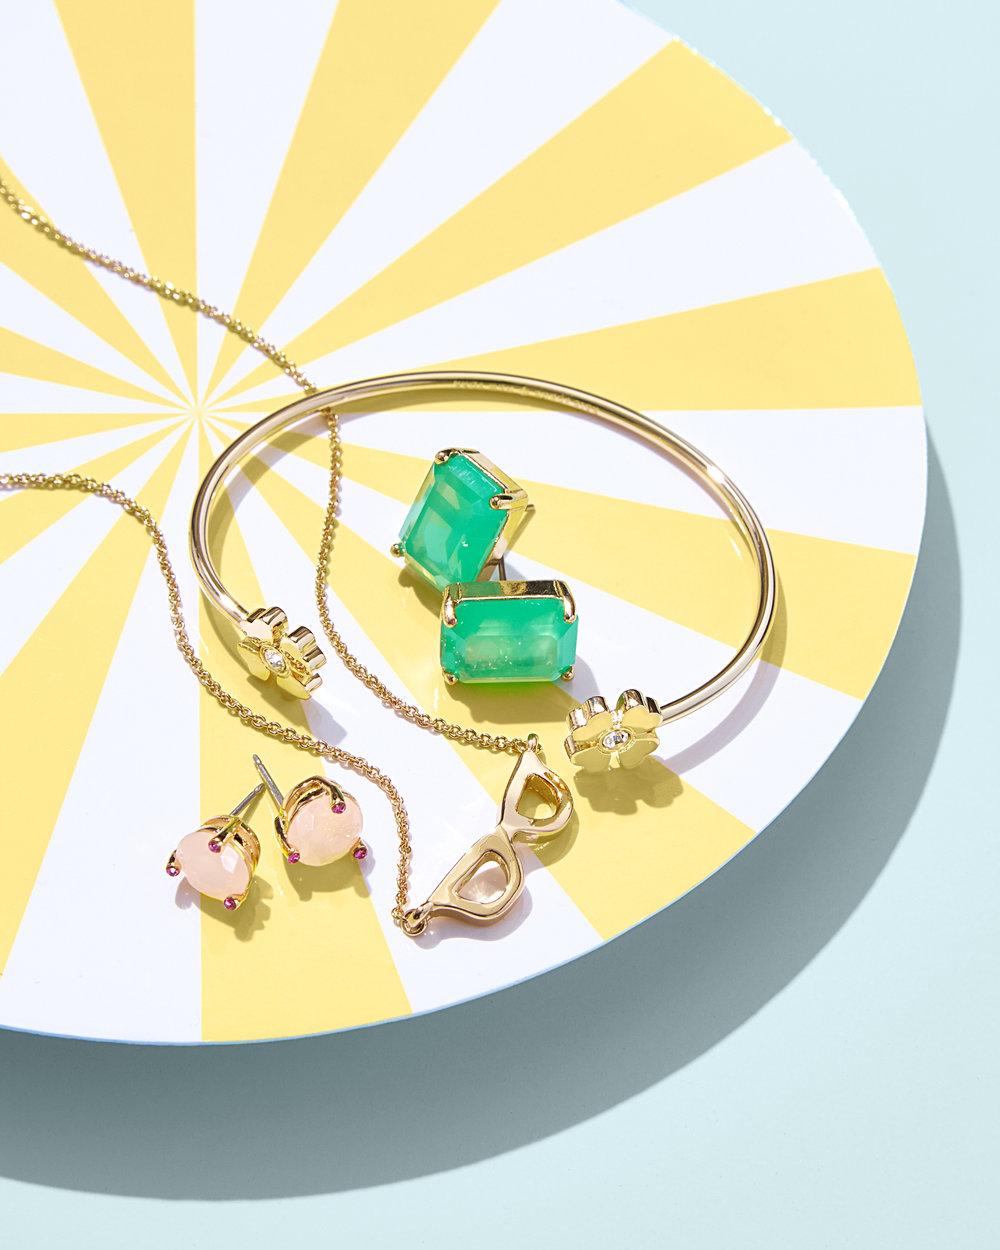 KSNY_Fashion_Jewelry.jpg